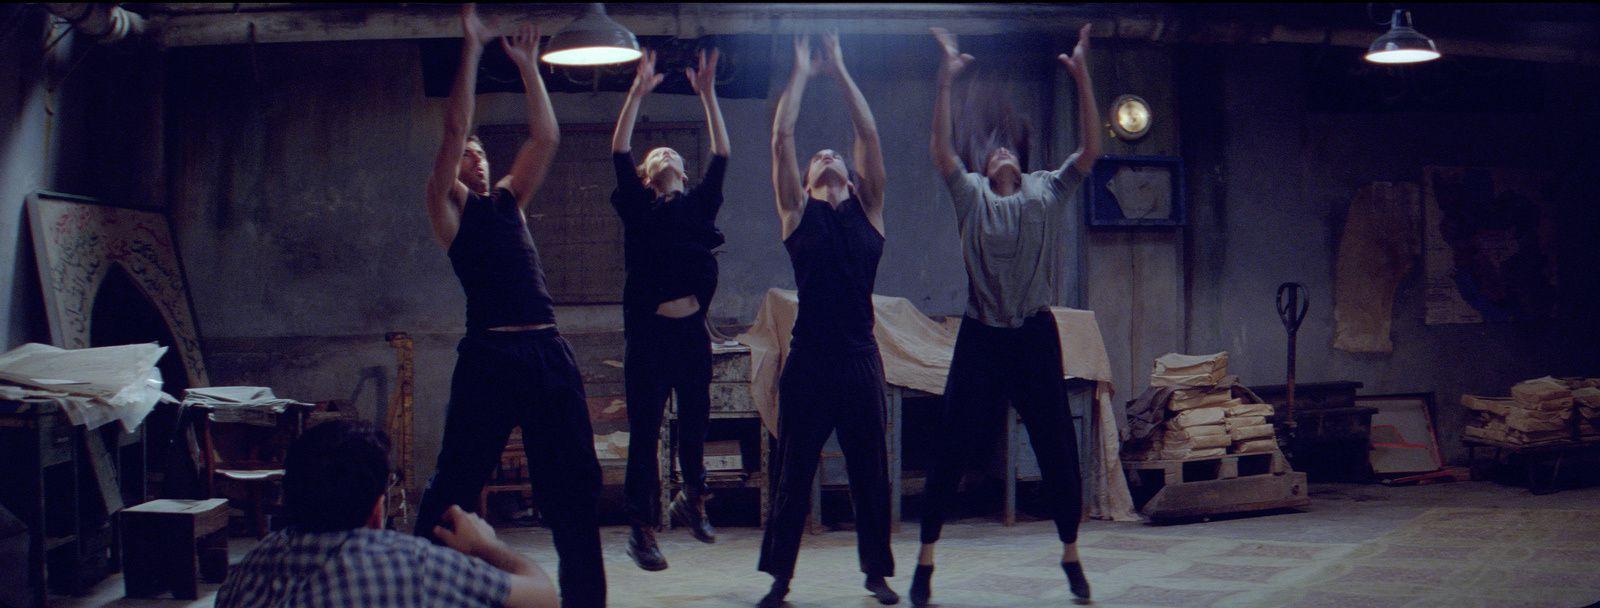 DESERT DANCER (BANDE ANNONCE VOST) Une histoire vraie à découvrir le 6 janvier 2016 au cinéma